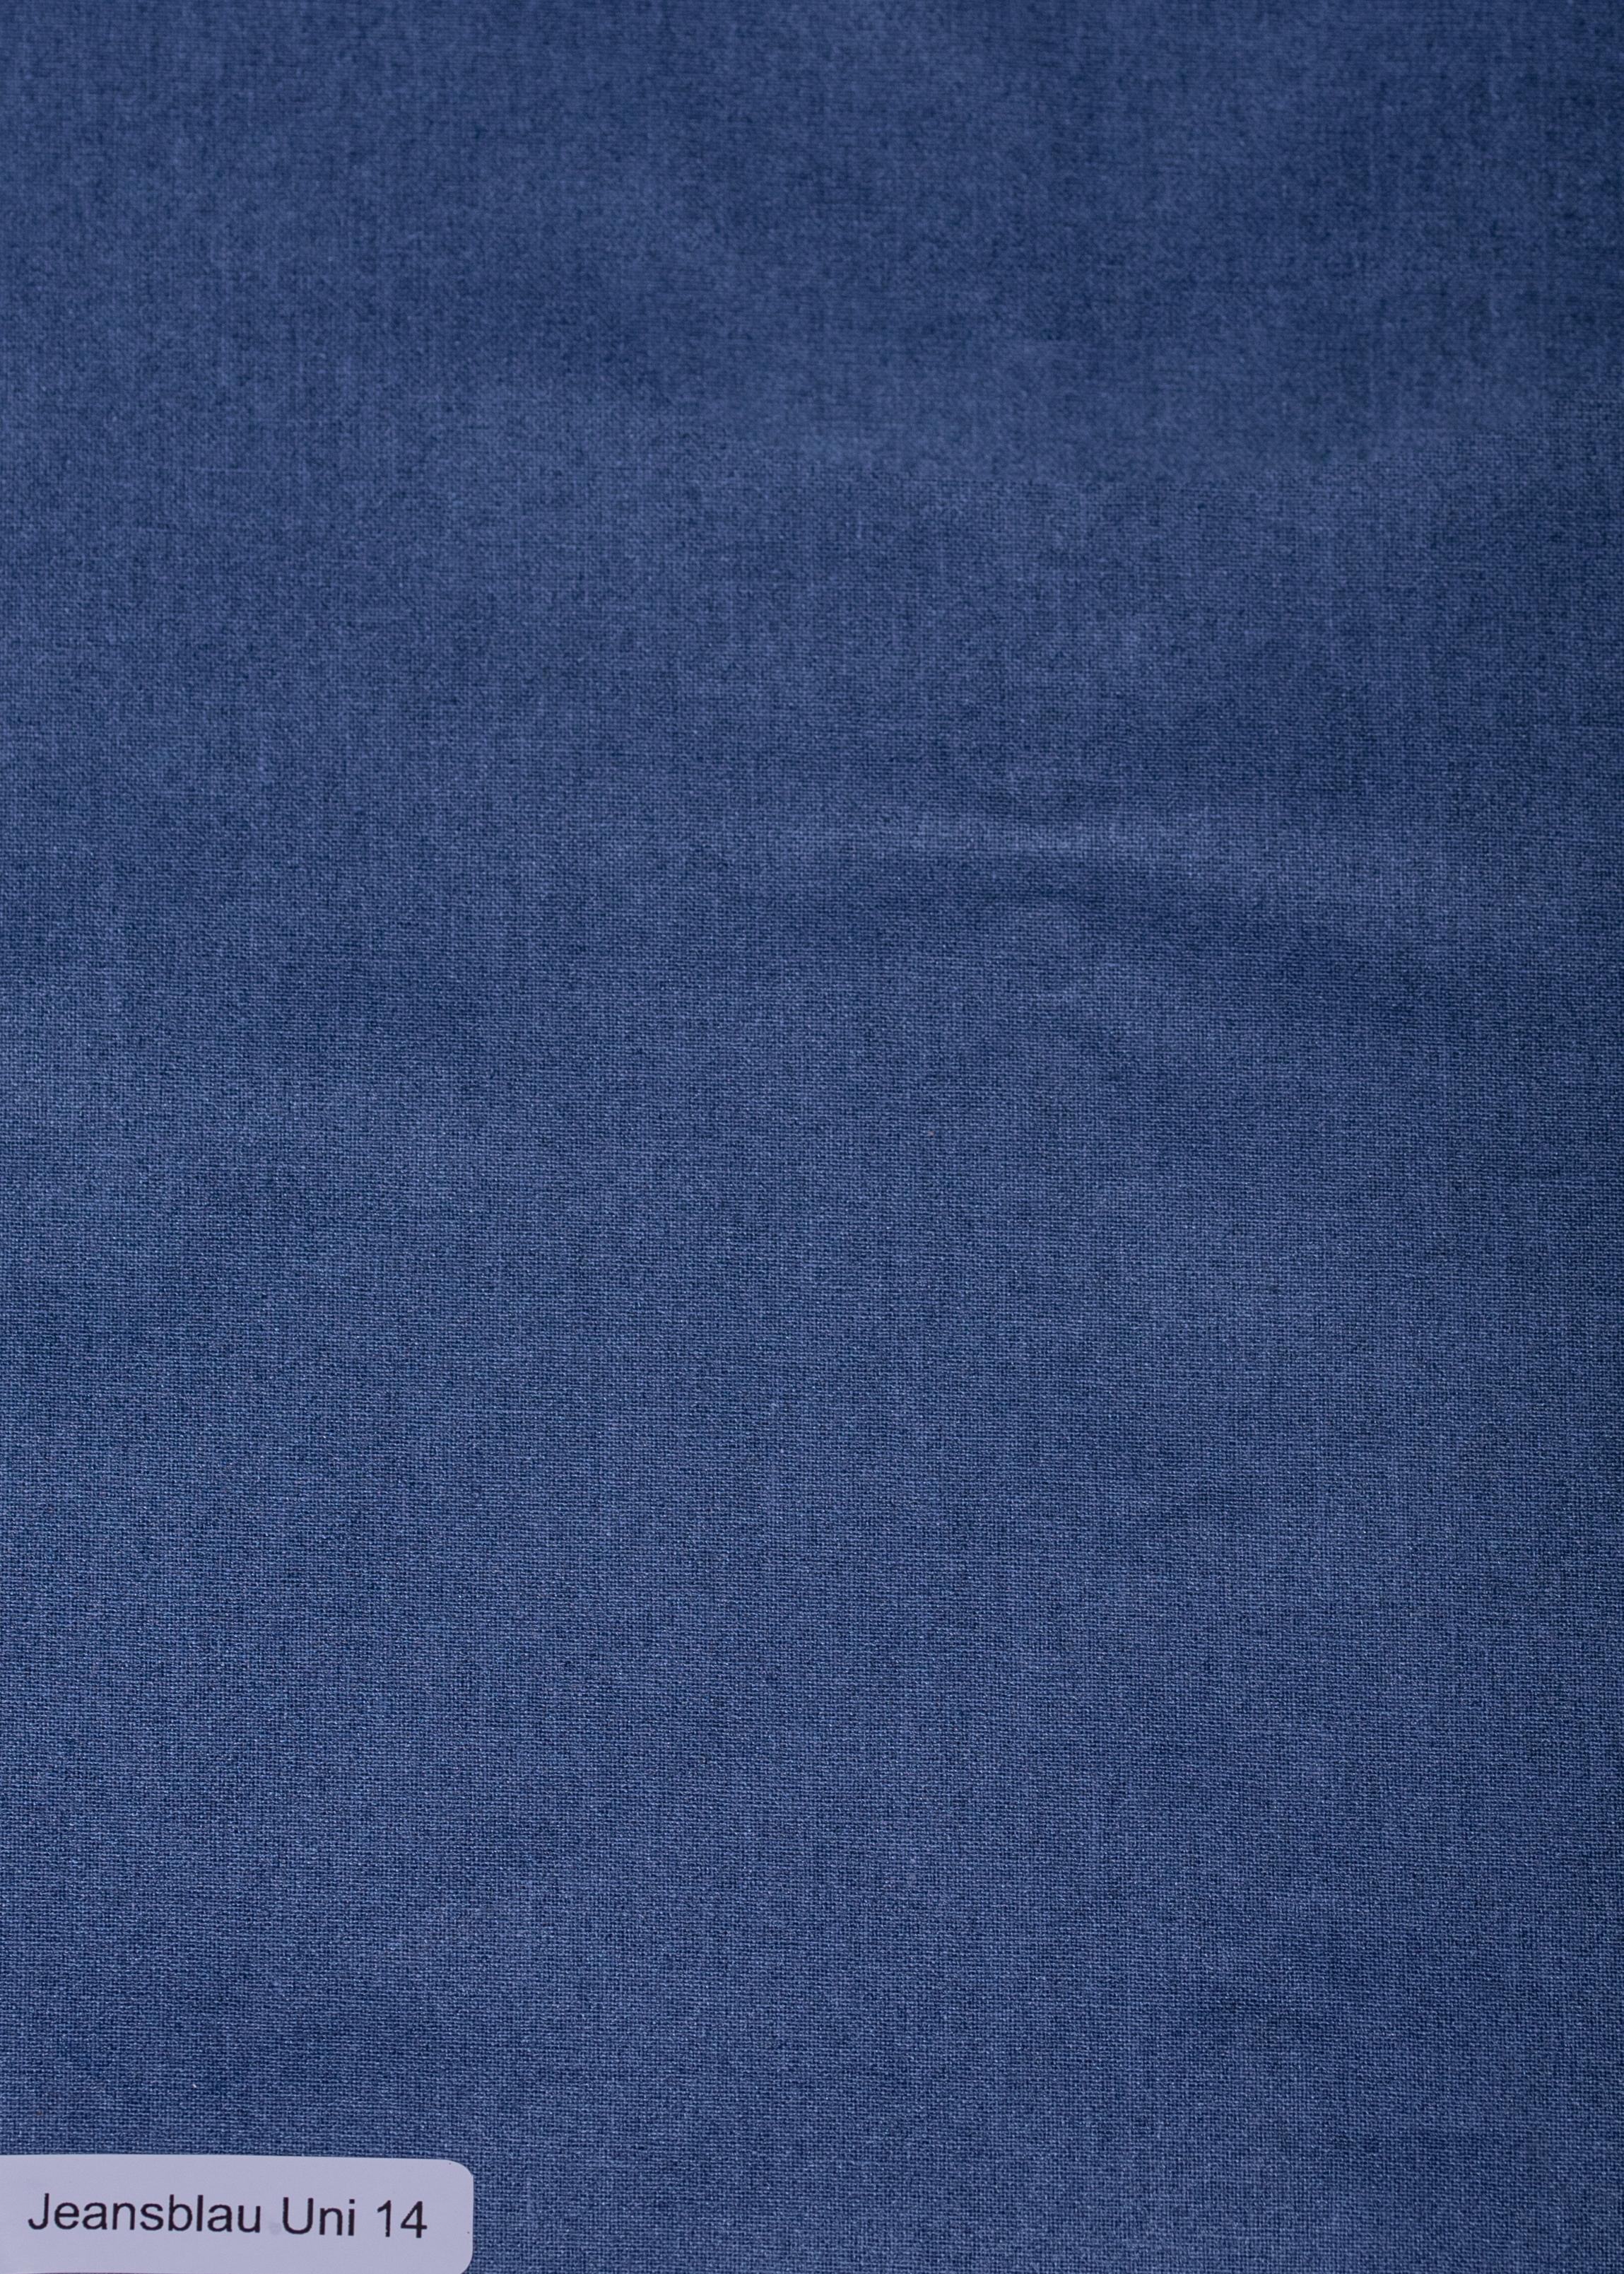 014-Jeansblau-Uni-14